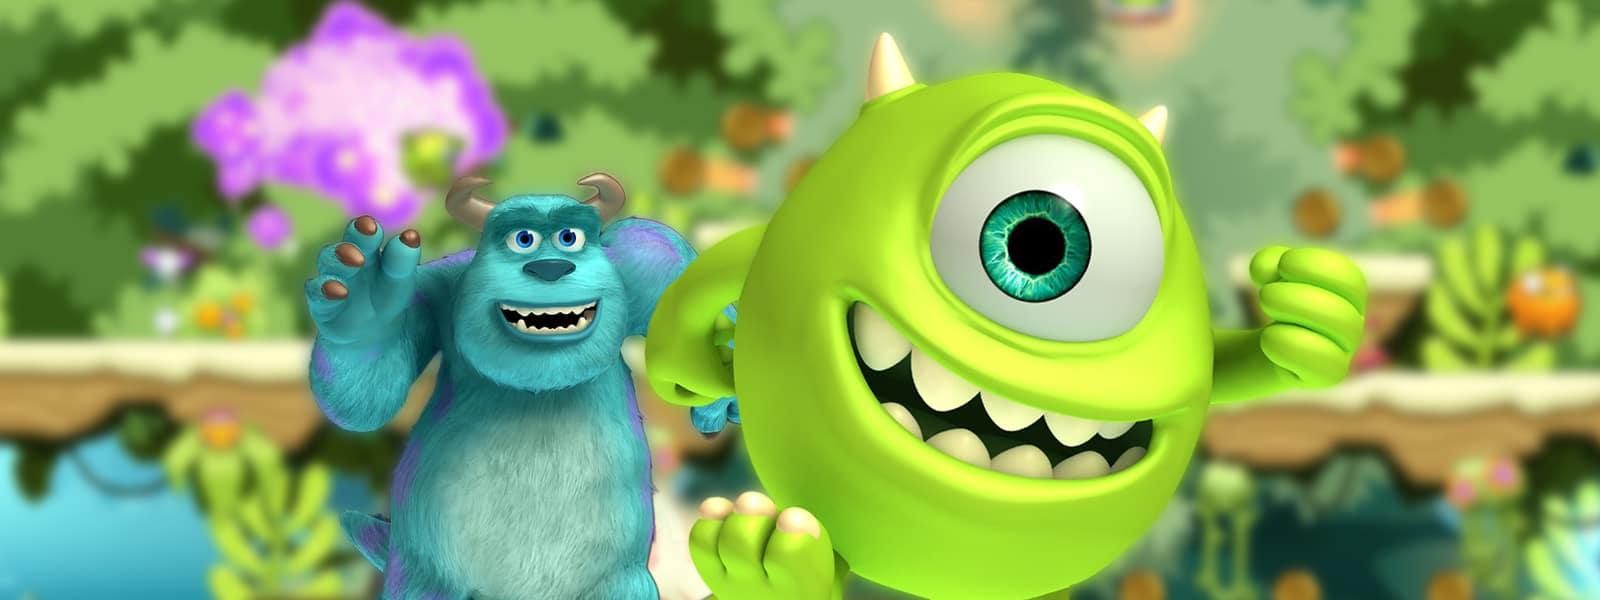 Personagens do aplicativo para iPhone Monsters, Inc. Run